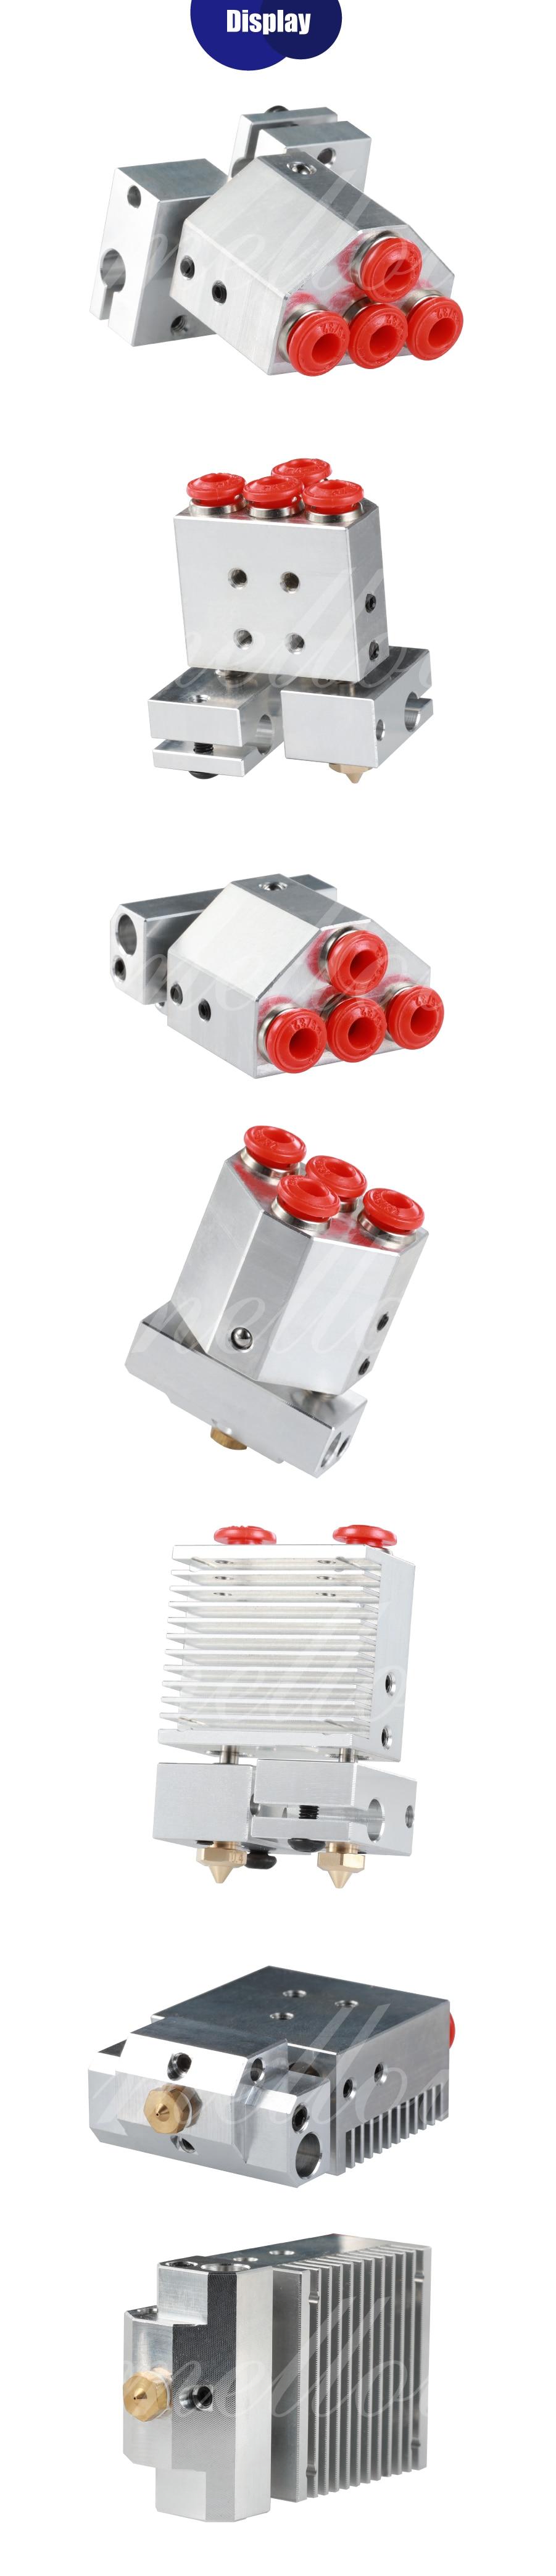 em 1j-head hotend kit para peças de impressora 3d